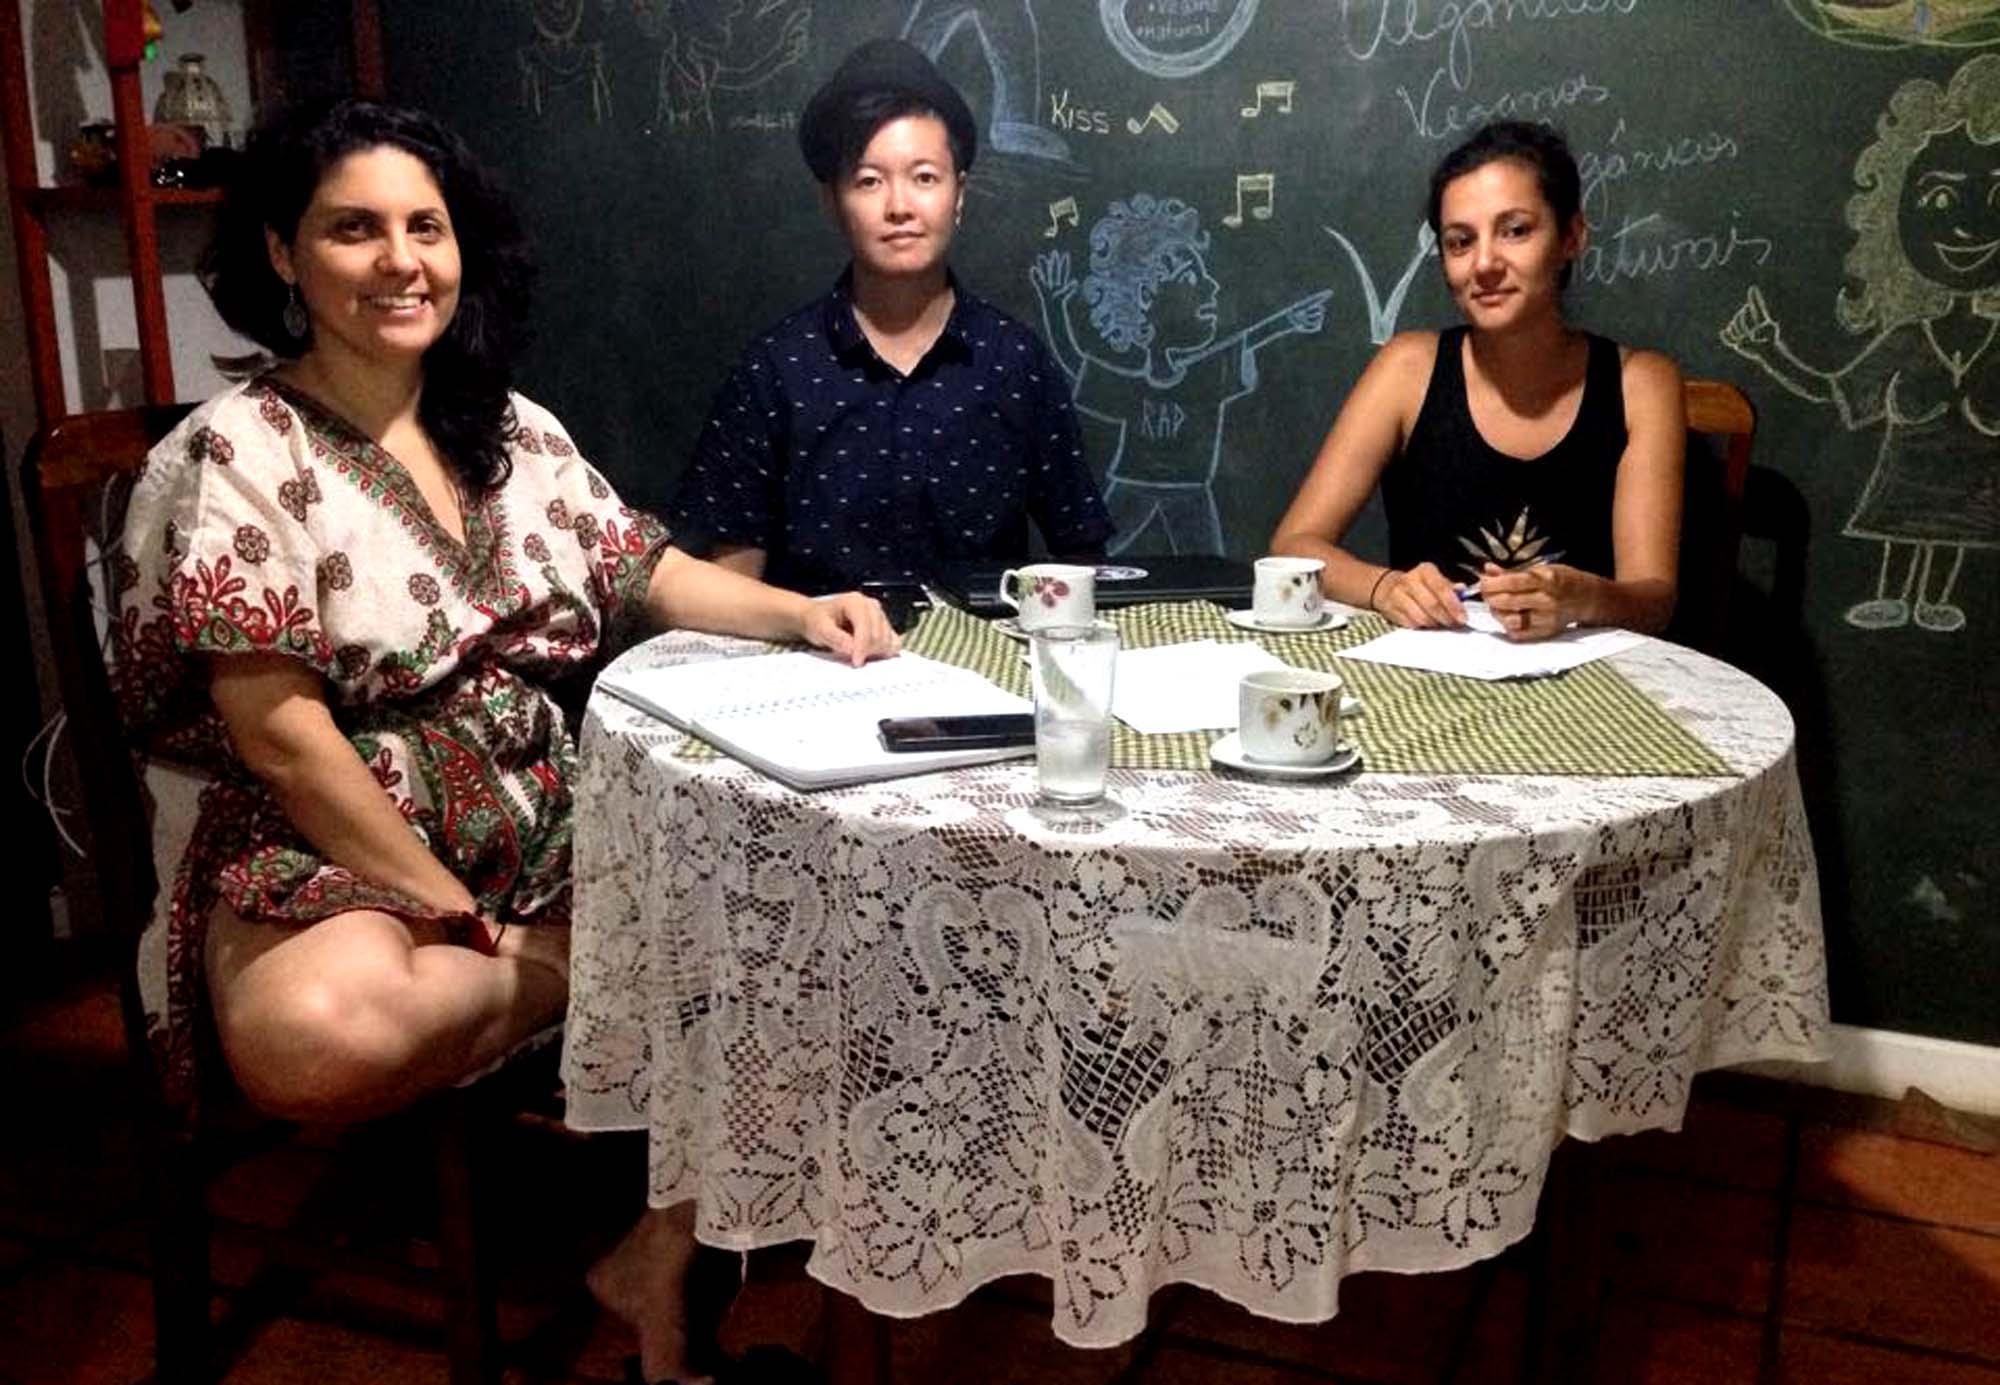 Em SP, 3 mulheres querem abrir espaço que vende alimentos veganos a preços acessíveis 2